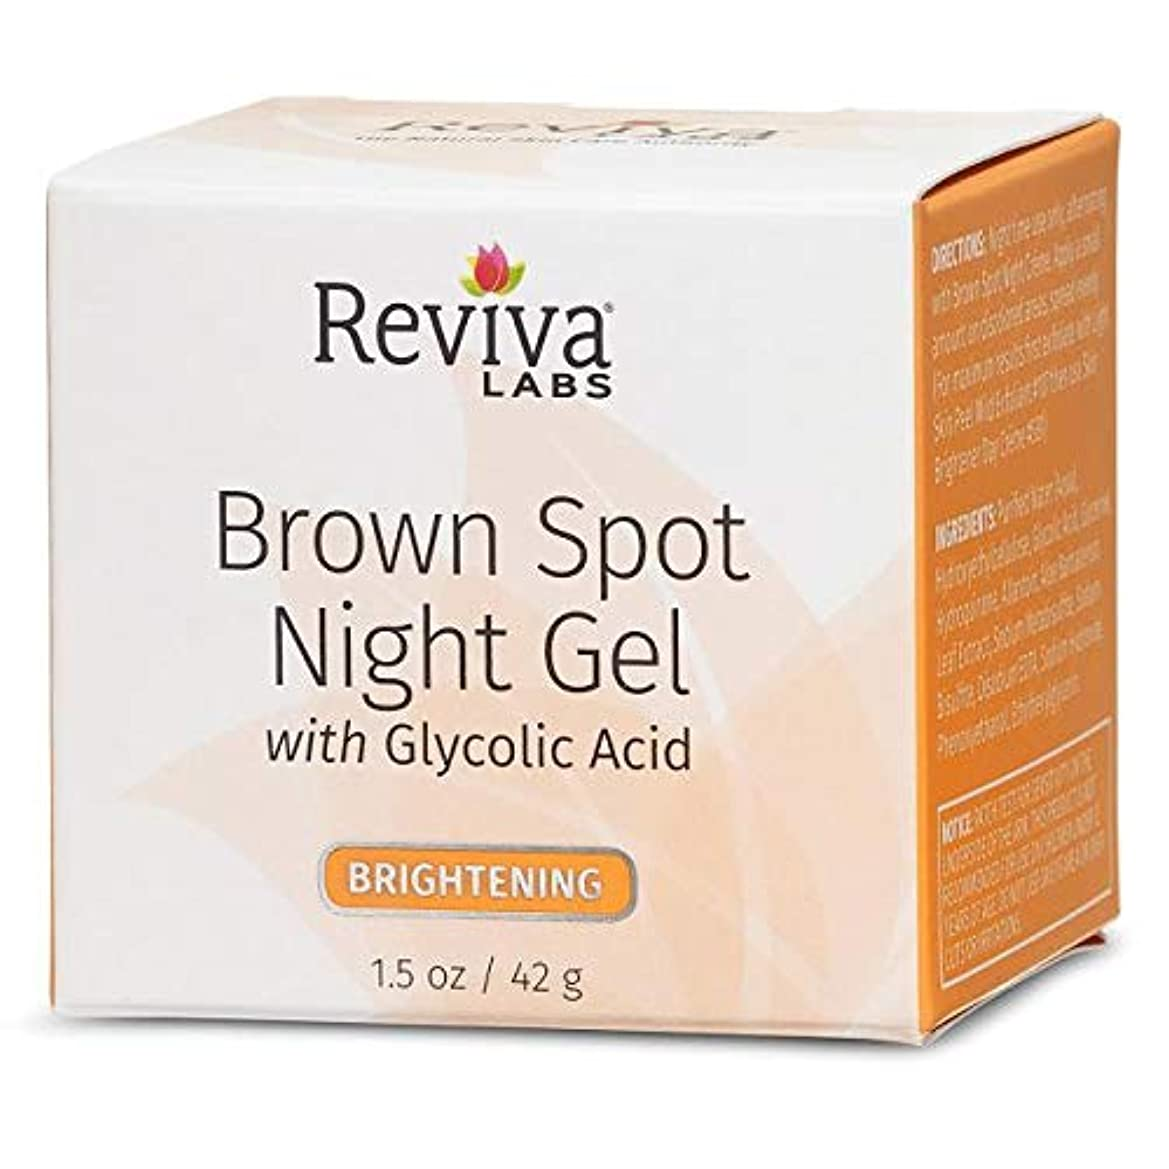 ごみパズル原油ブラウンスポット ナイトジェル グリコール酸入り 1.25oz. REVIVA LABS社製 海外直送品